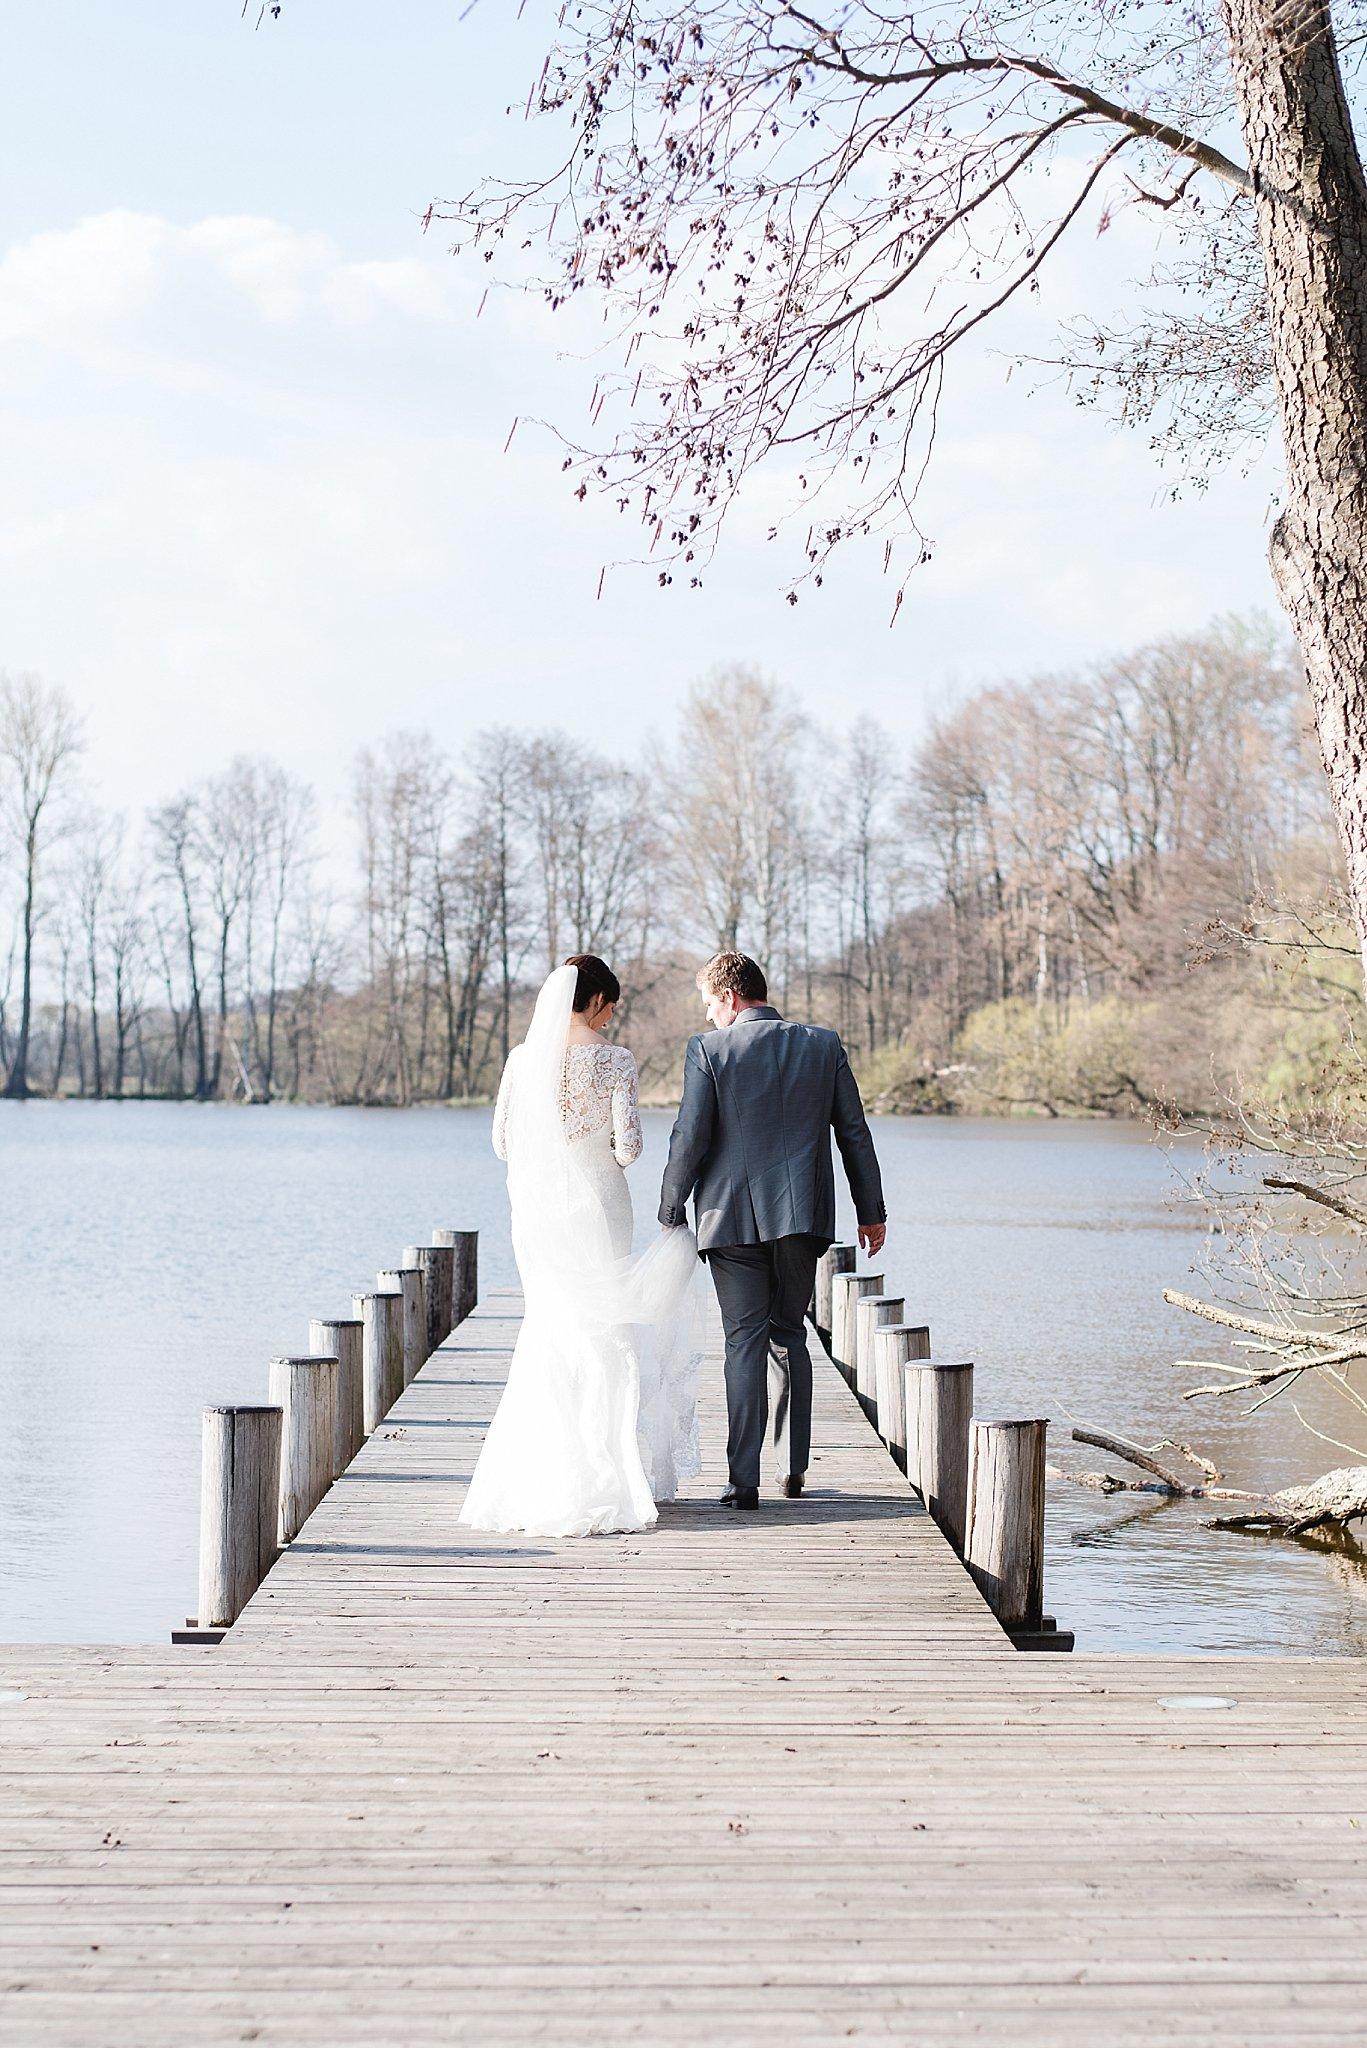 Hochzeitsfotograf-Oberpfalz-Bayern_Innovision-Center-Weiherhammer_2315